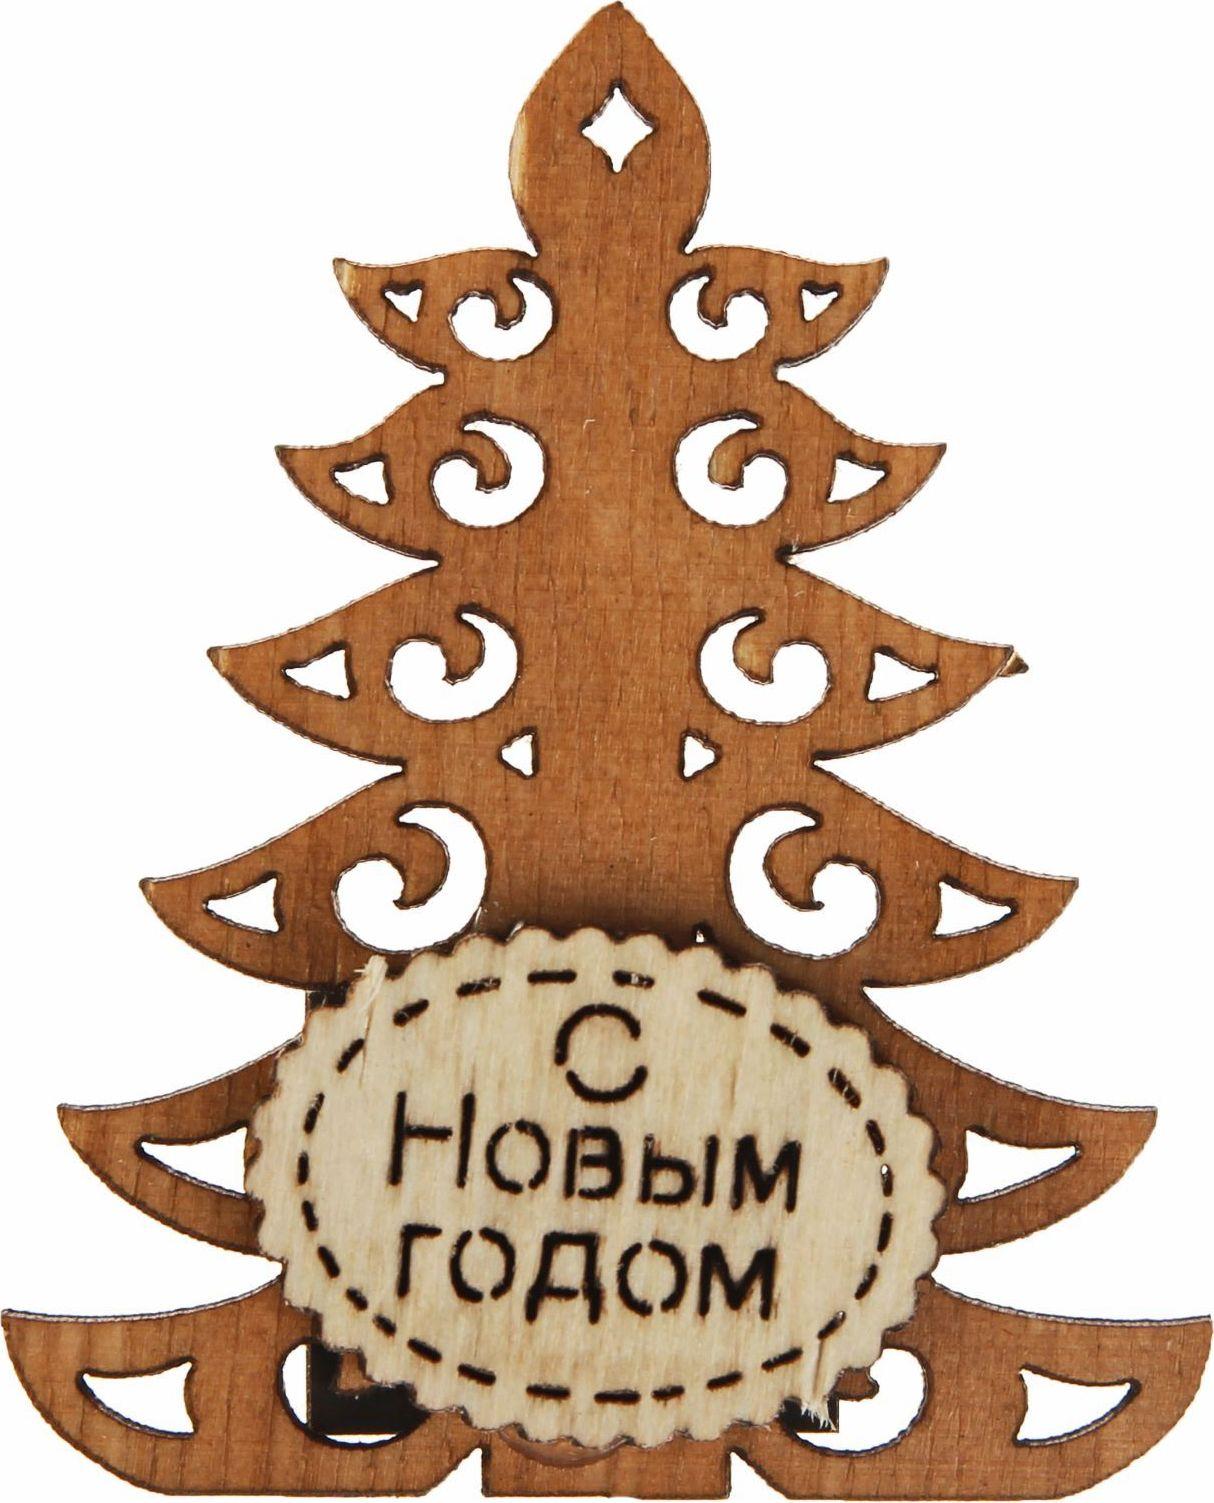 Магнит Канышевы С новым годом, 6,5 х 7 см2570631Порадуйте родных и близких оригинальным сувениром: преподнесите в подарок магнит. С ним даже самый серьёзный человек почувствует себя ребёнком, ожидающим чудо! Создайте праздничное настроение, и оно останется с вами на весь год.